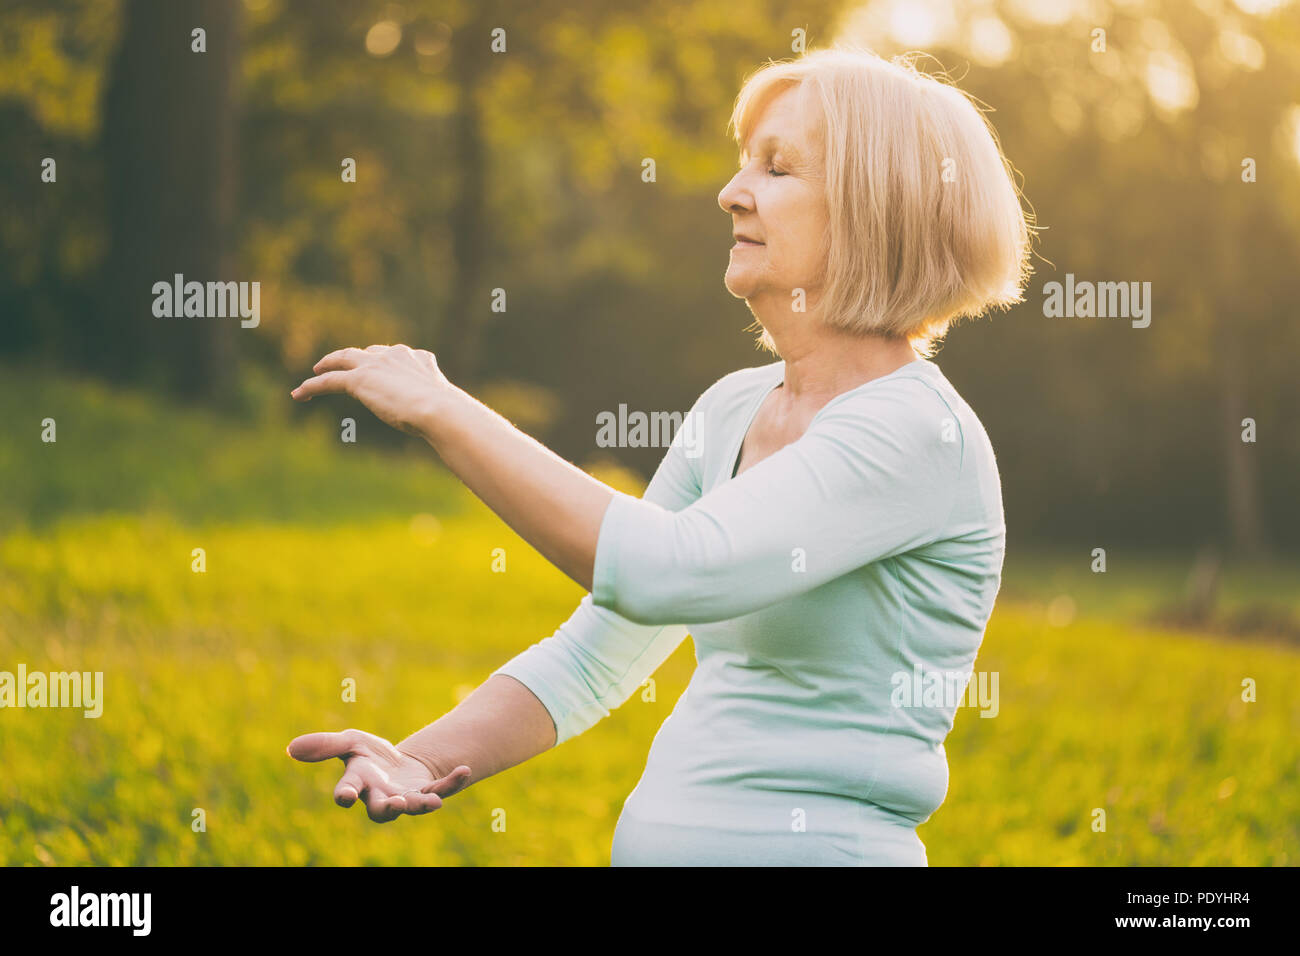 Senior donna gode di esercizio Tai Chi nella natura.Immagine è intenzionalmente tonica. Immagini Stock